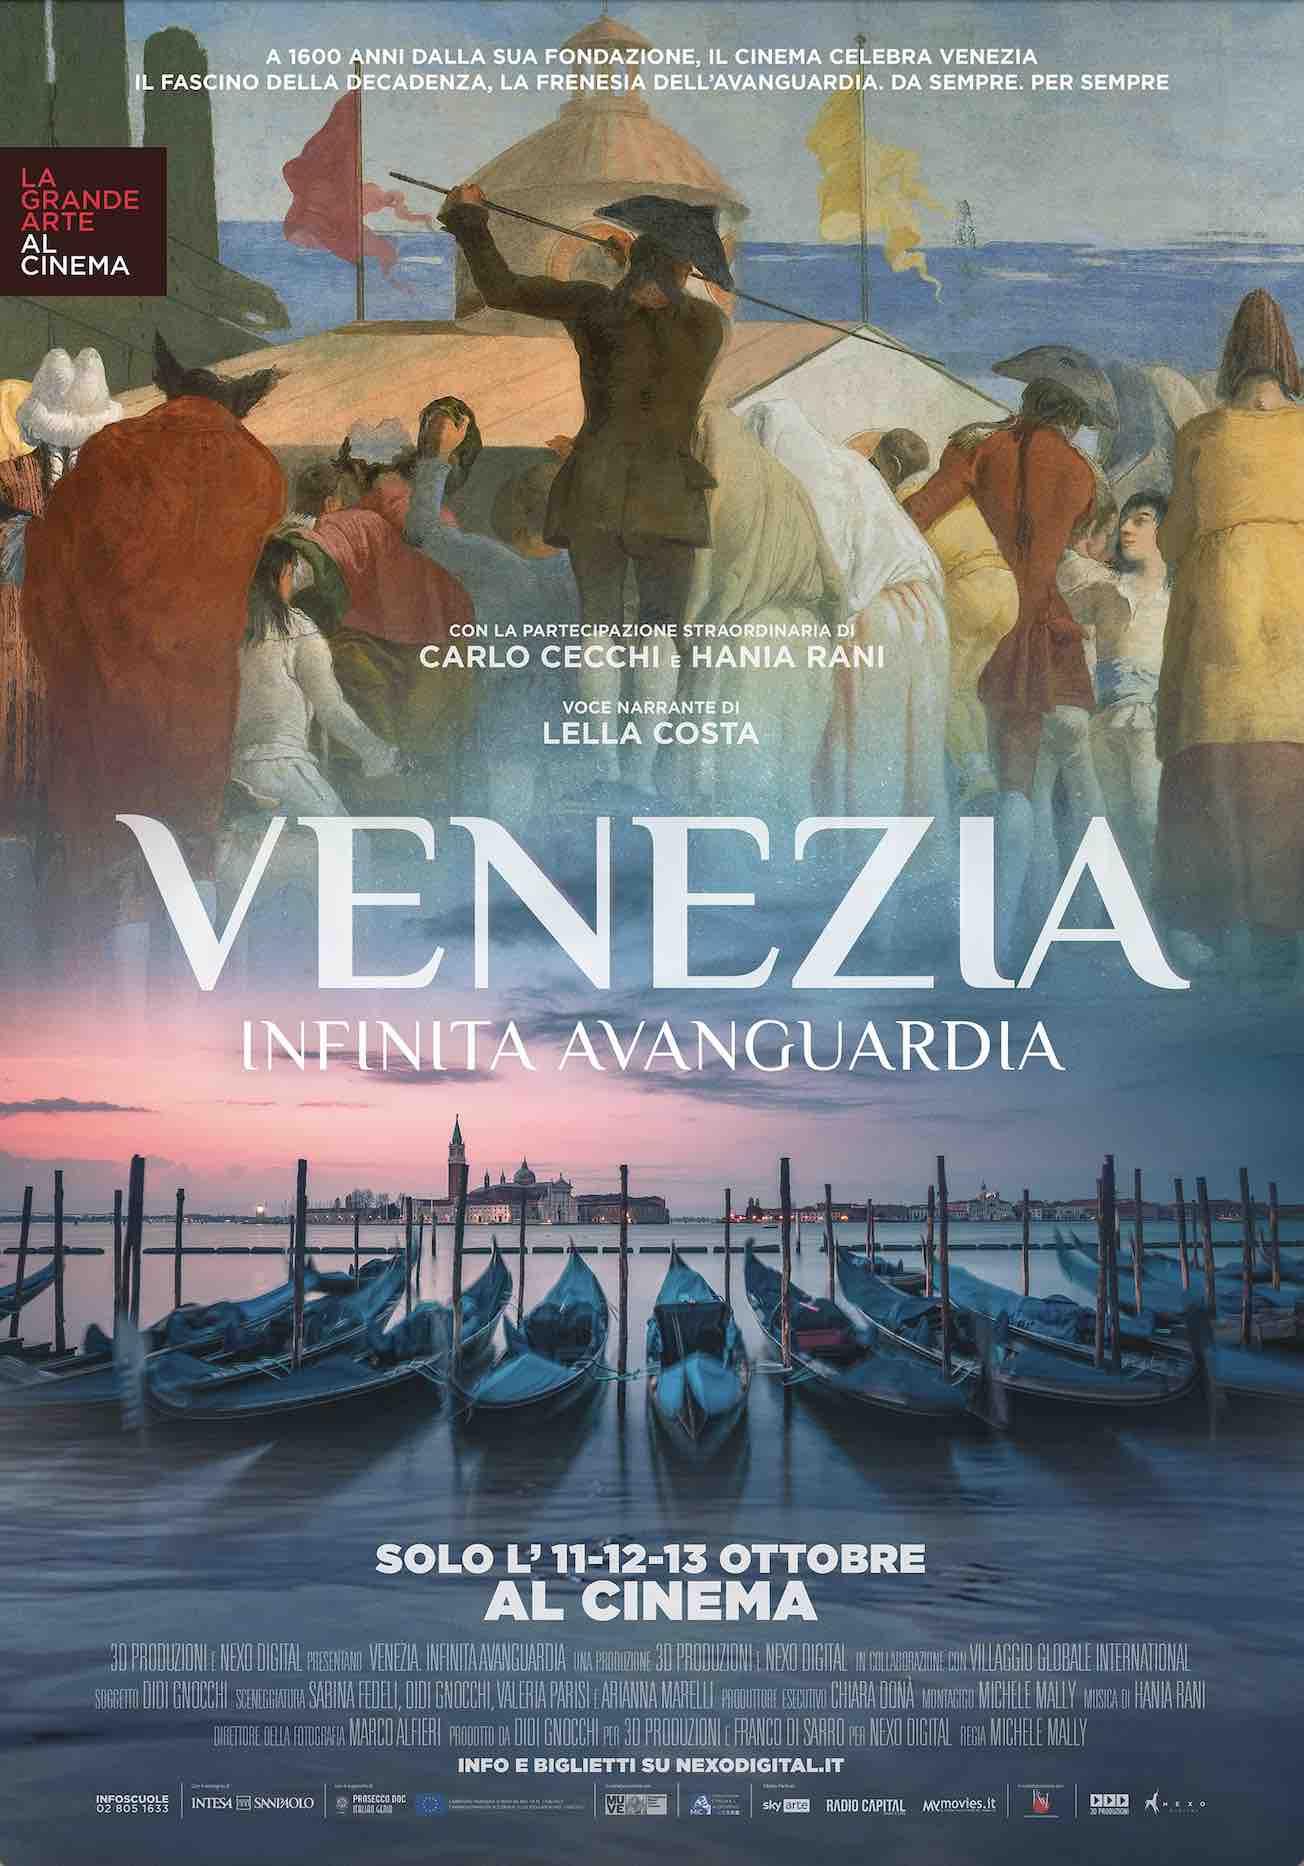 """""""VENEZIA. INFINITA AVANGUARDIA"""" L'EVENTO AL CINEMA. Nelle sale italiane solo l'11, 12 e 13 ottobre"""